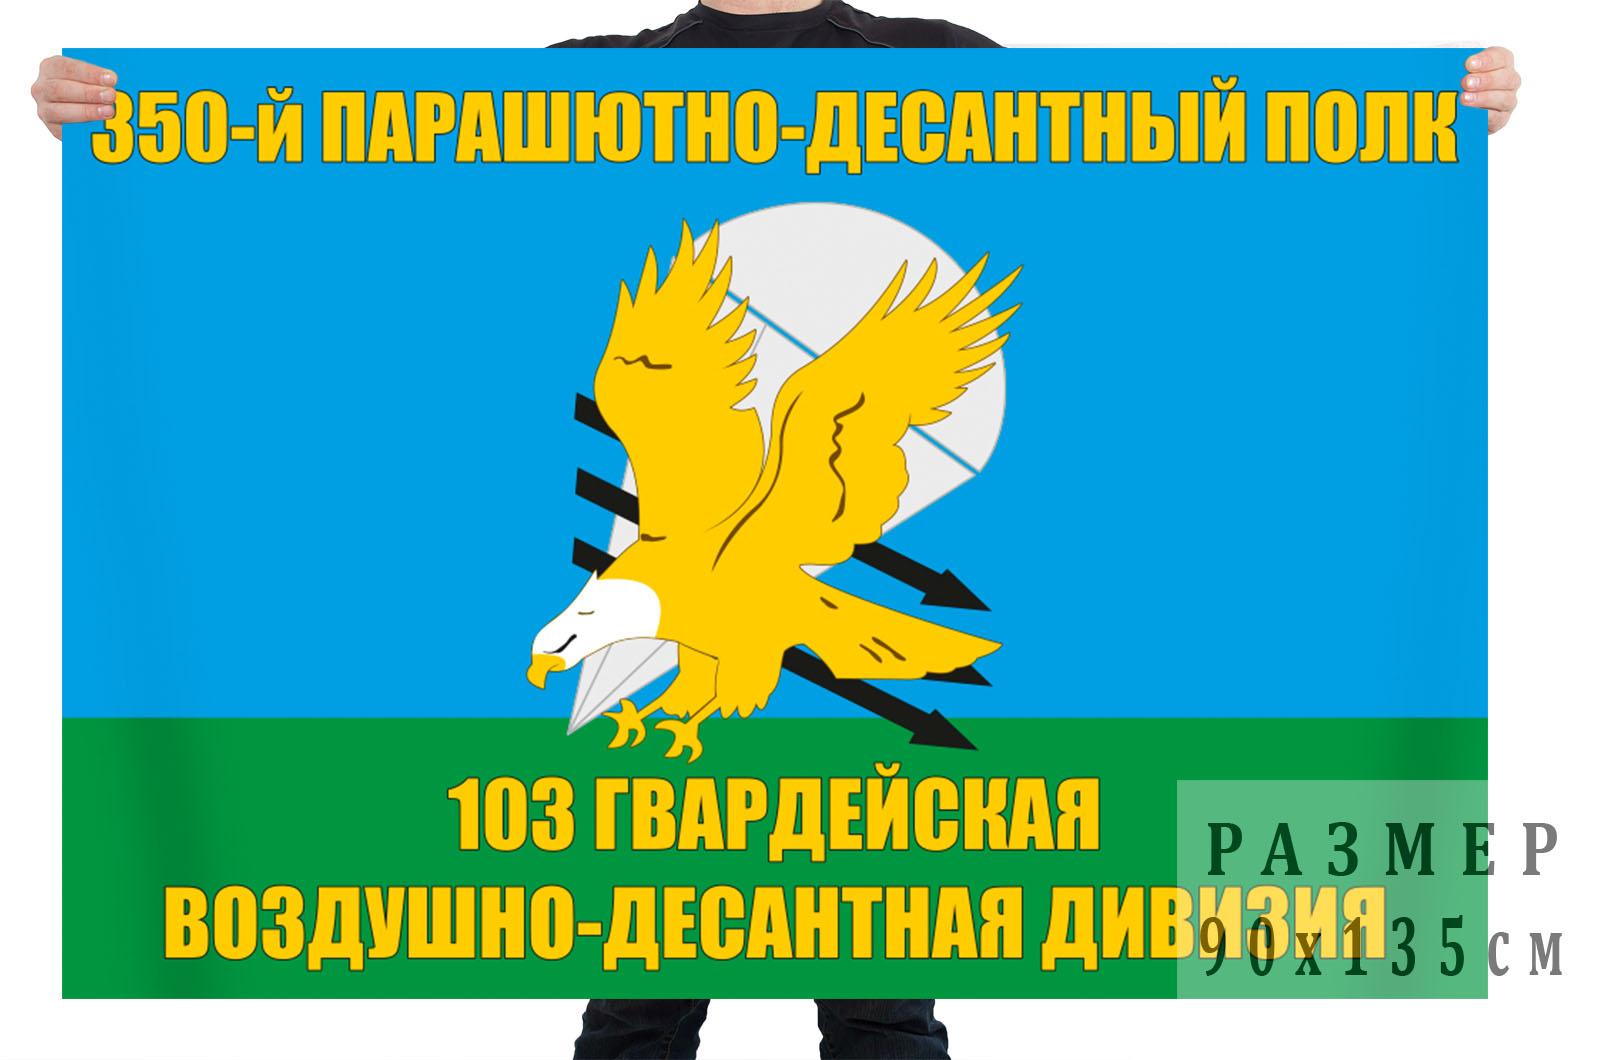 Флаг 350 парашютно-десантного полка 103 гвардейской ВДД